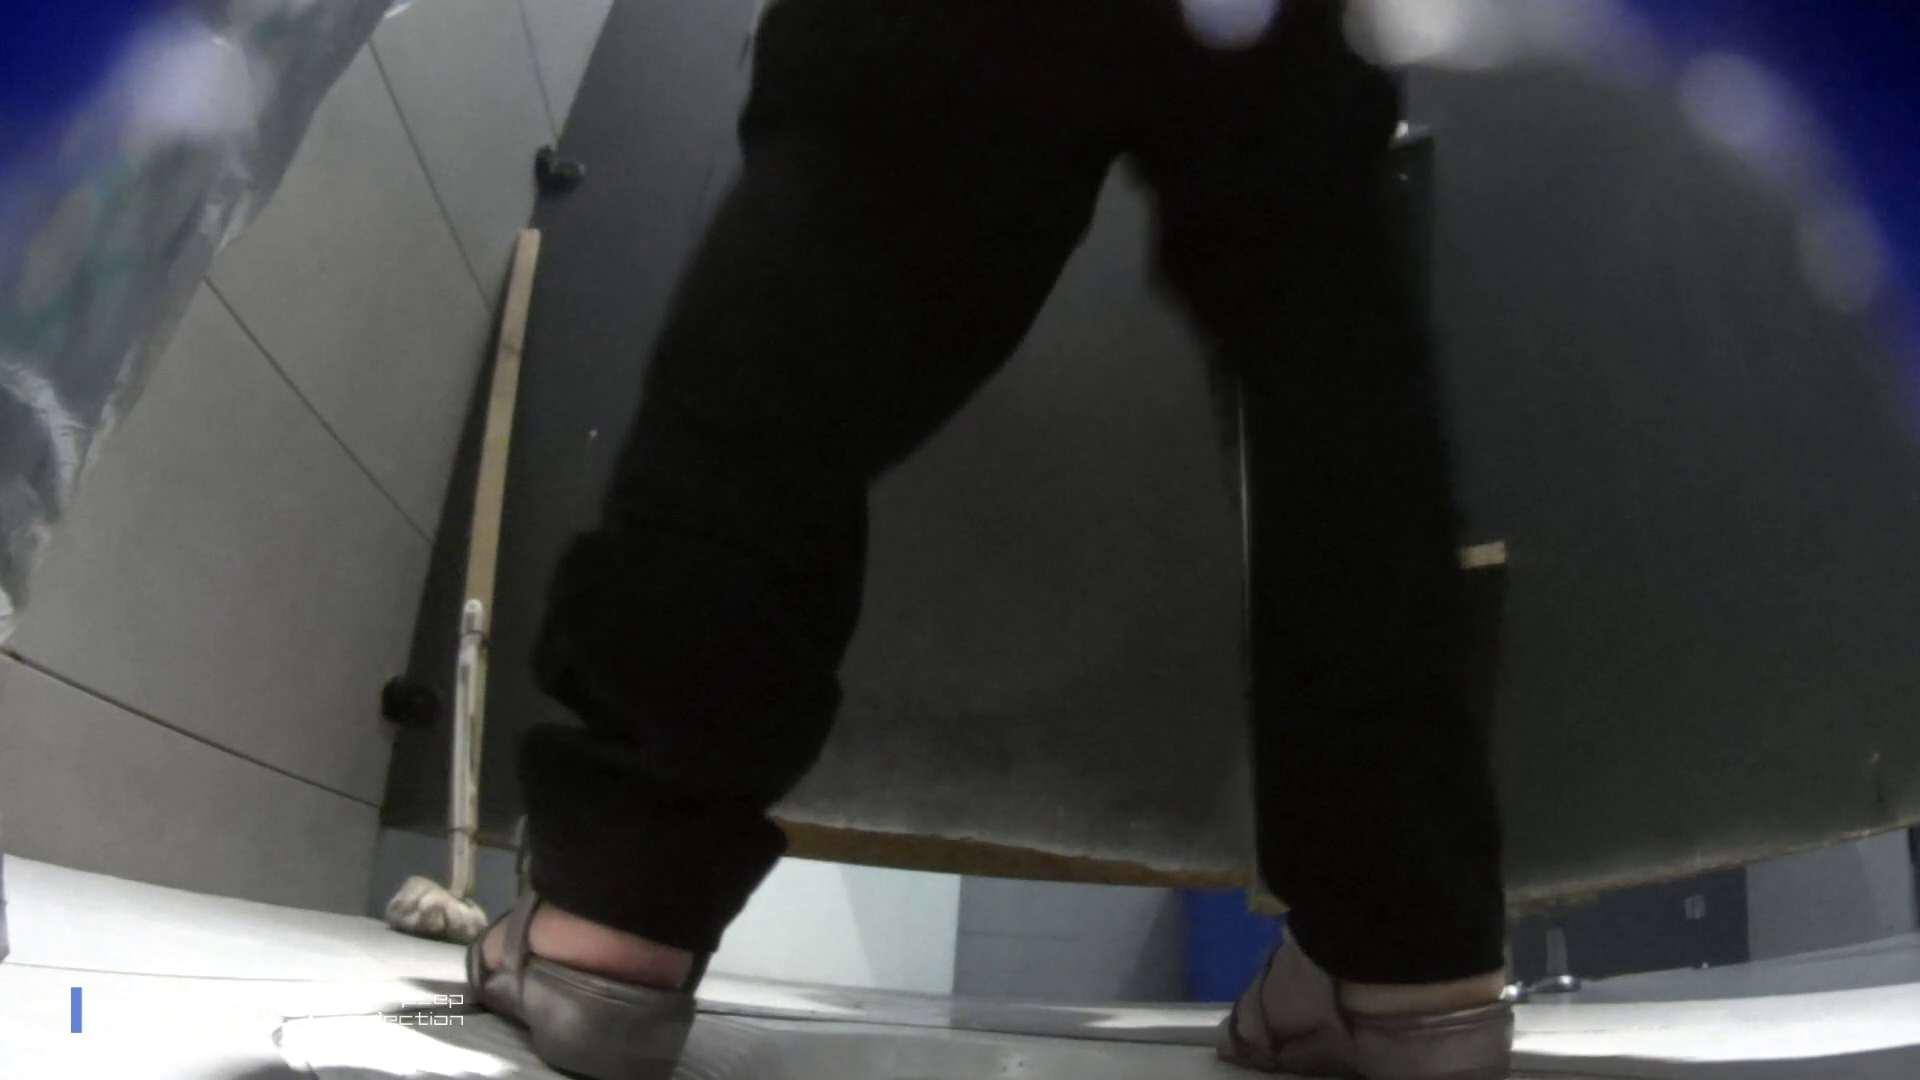 ショートカット黒髪お女市さん 大学休憩時間の洗面所事情61 高評価 オマンコ動画キャプチャ 48画像 9